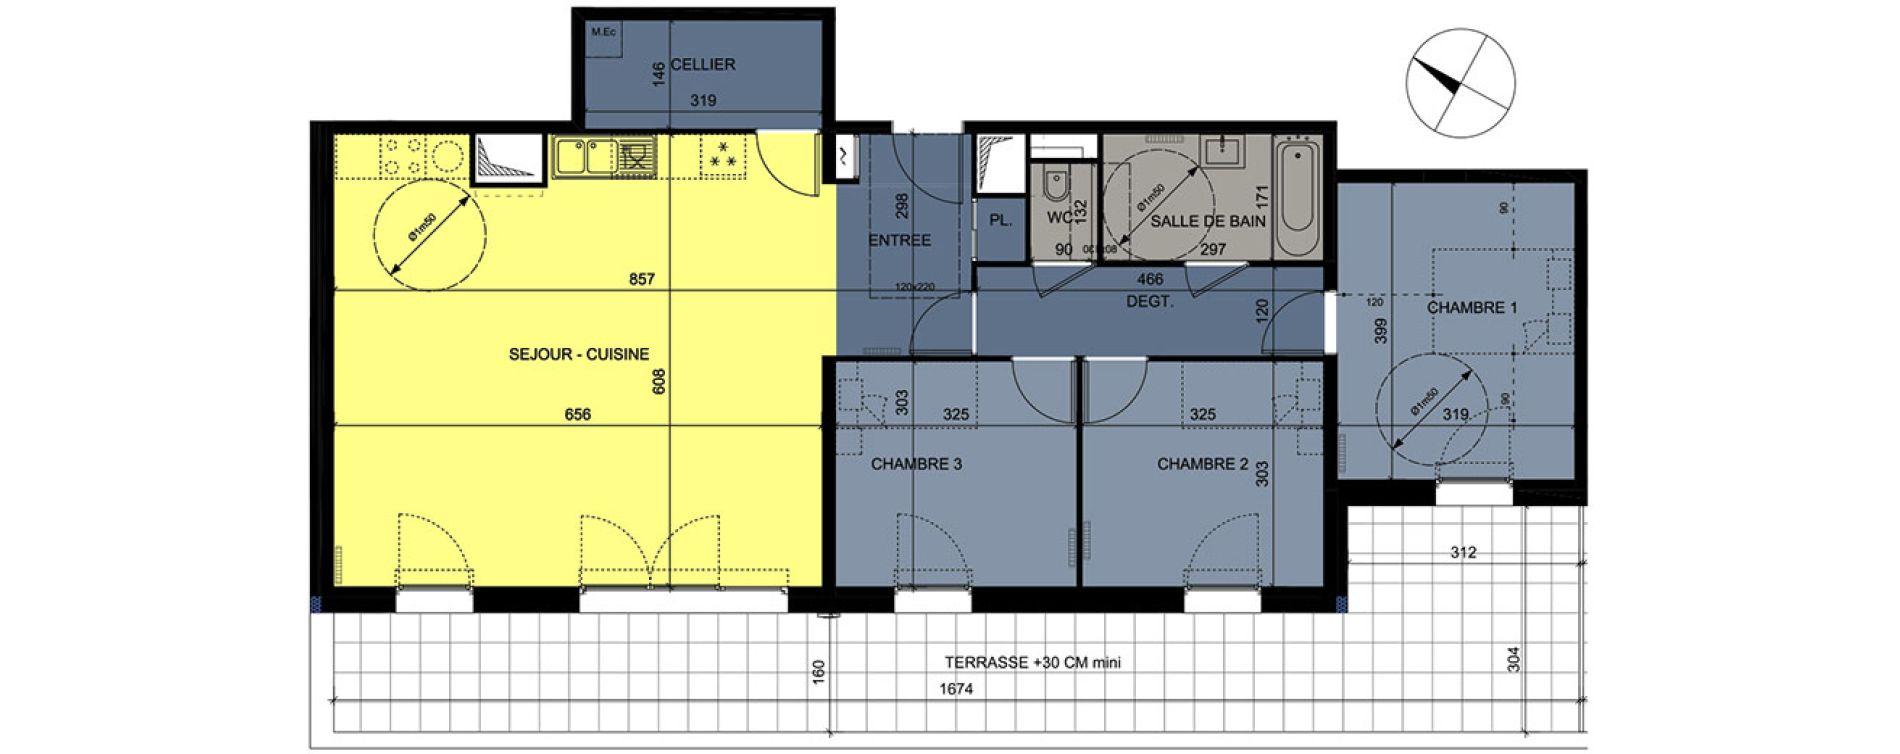 Appartement T4 de 94,25 m2 à Nancy Grand coeur